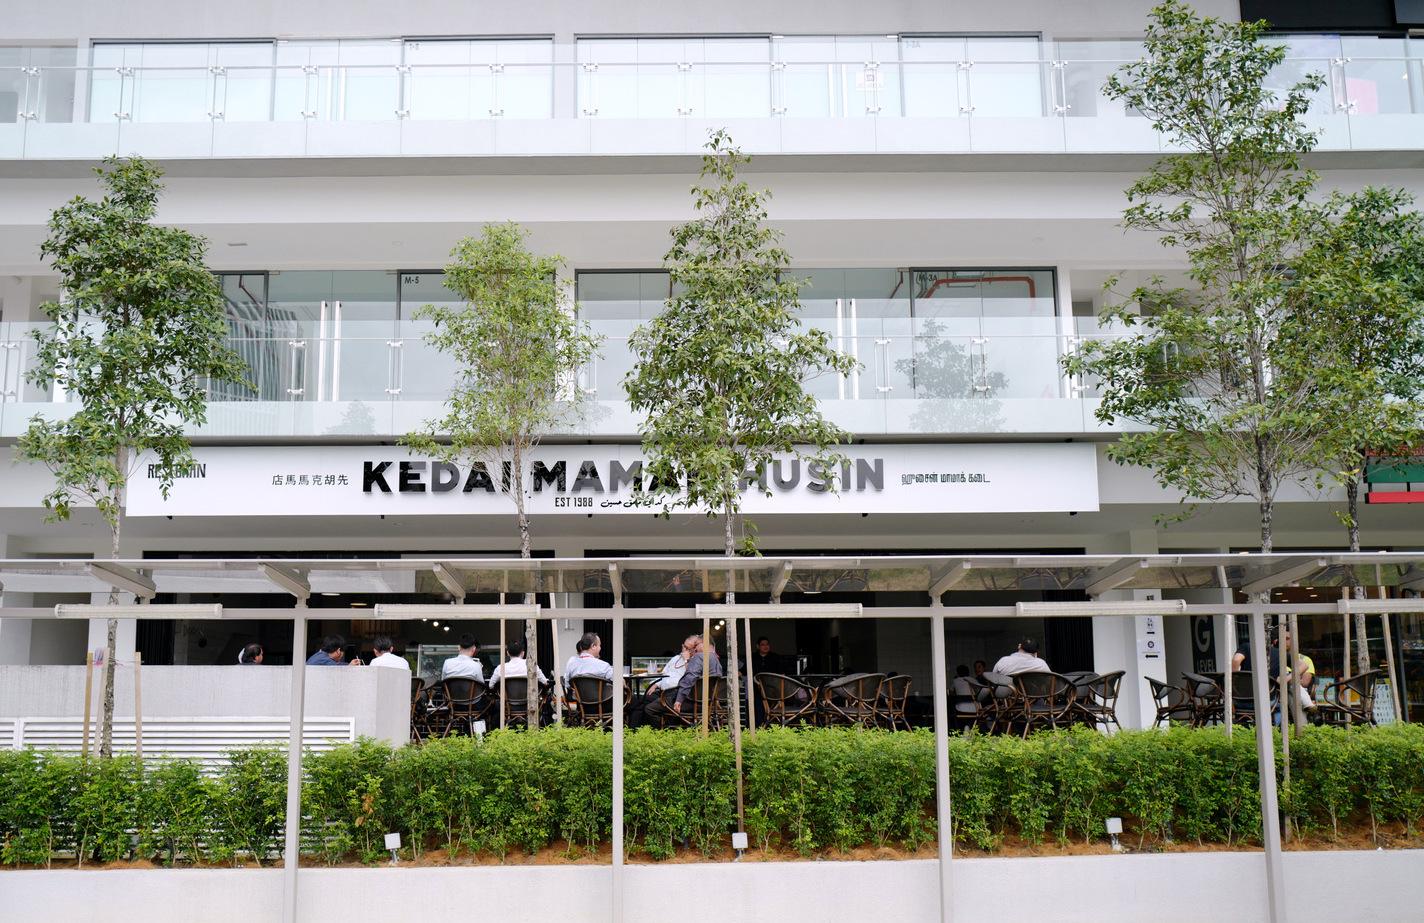 Kedai Mamak Husin @ Idaman Robertson